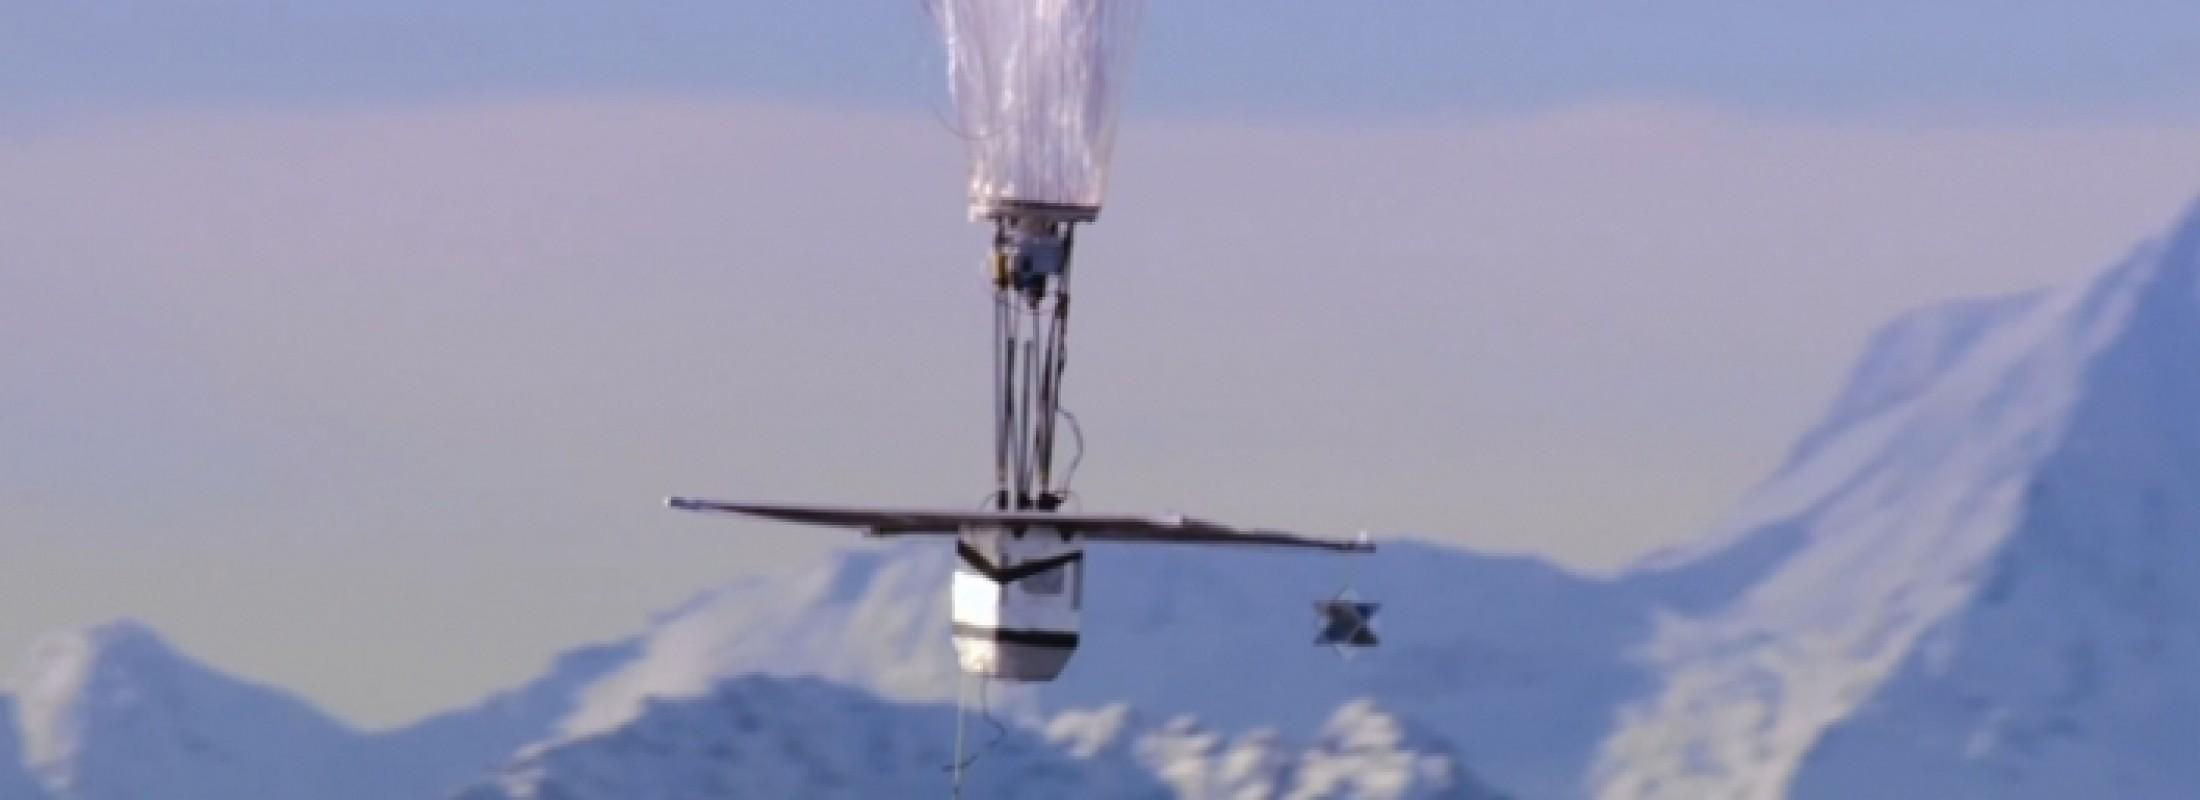 Google, Çok Yakında İnternet Taşıyan Balonlarını Uçuracak